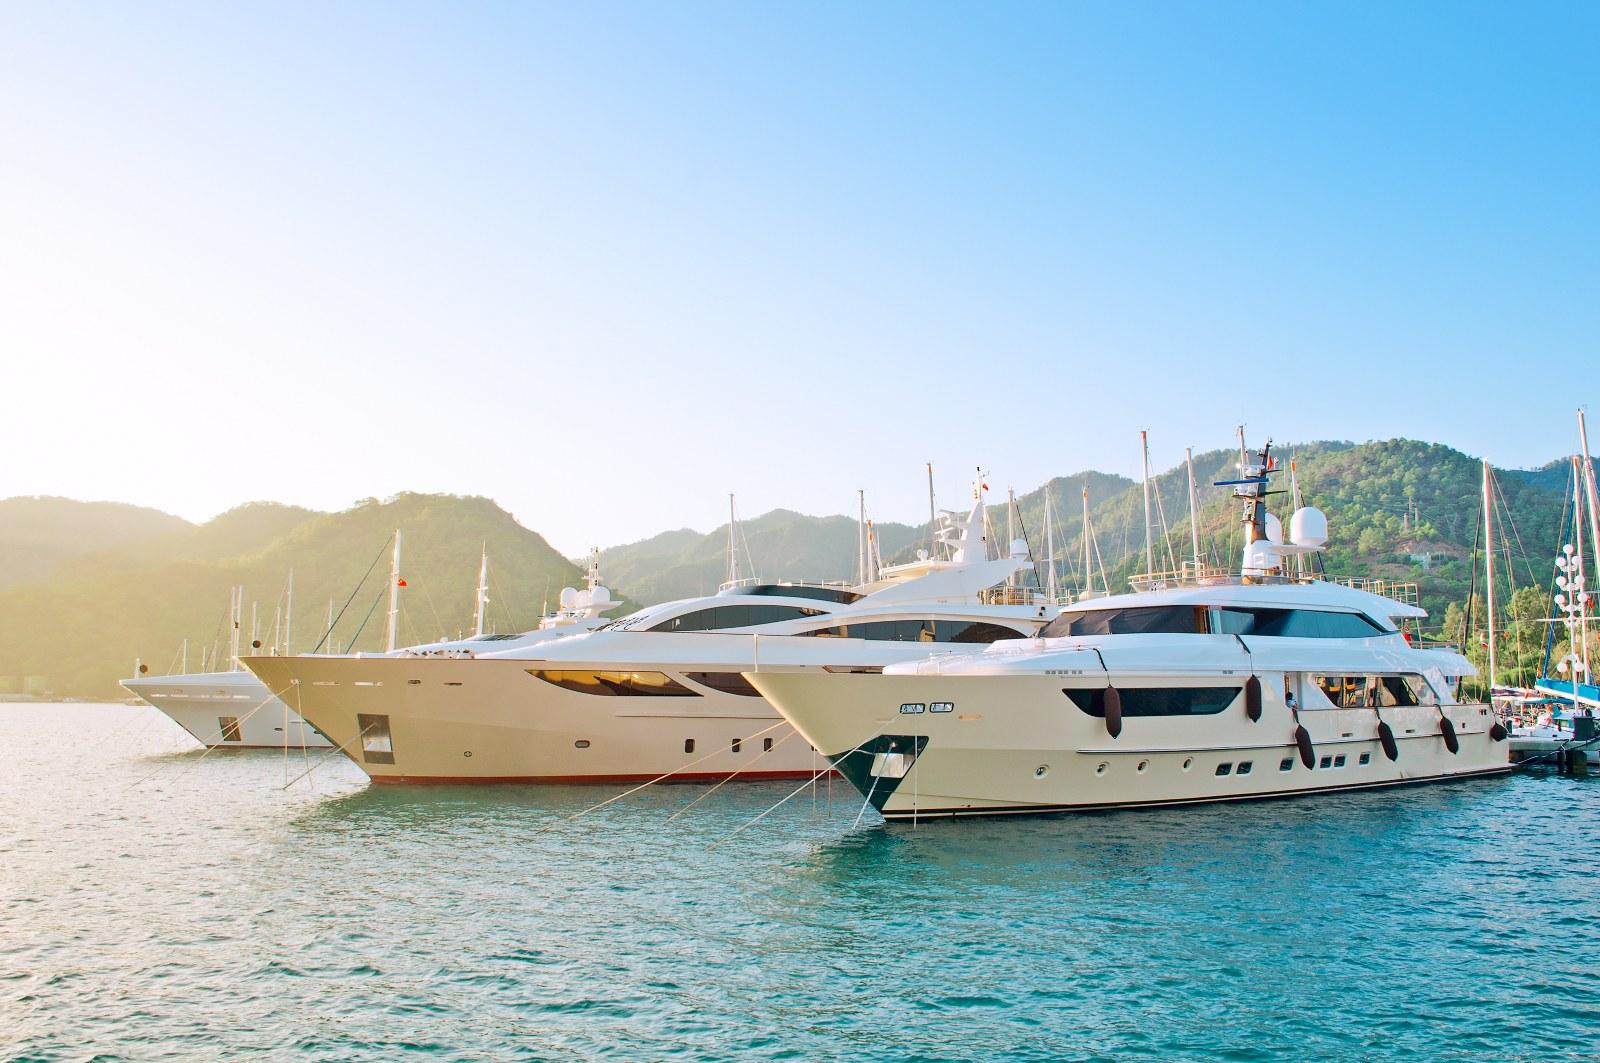 Yacht Hire (Minimum 3 Hour Hire)